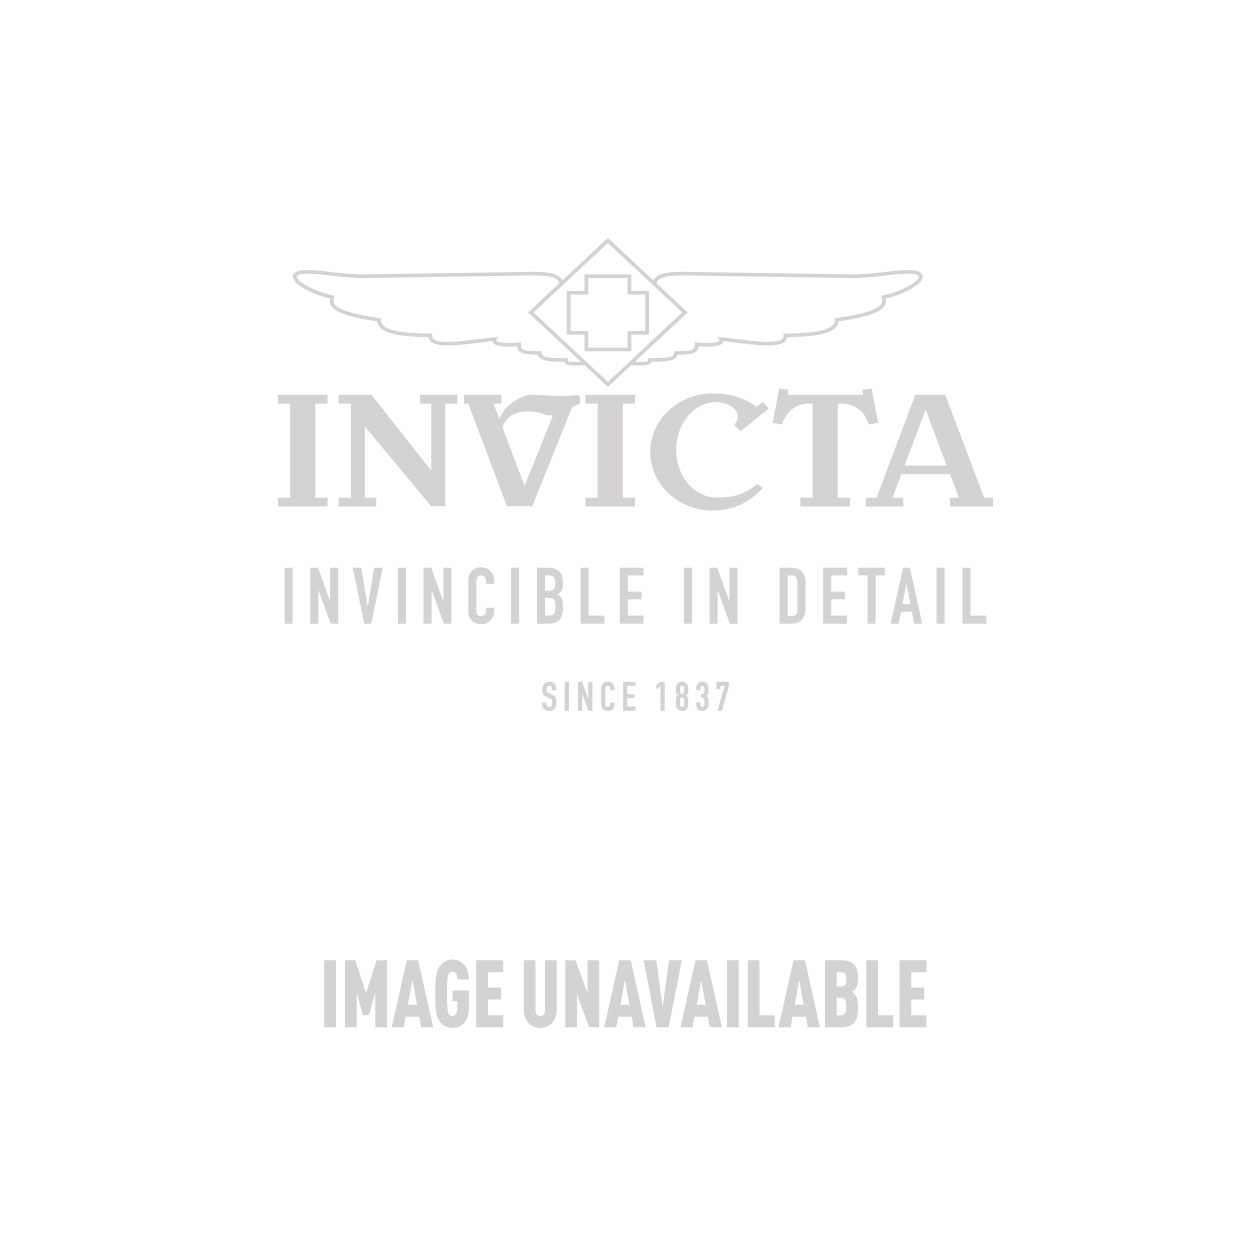 Invicta Model 23915